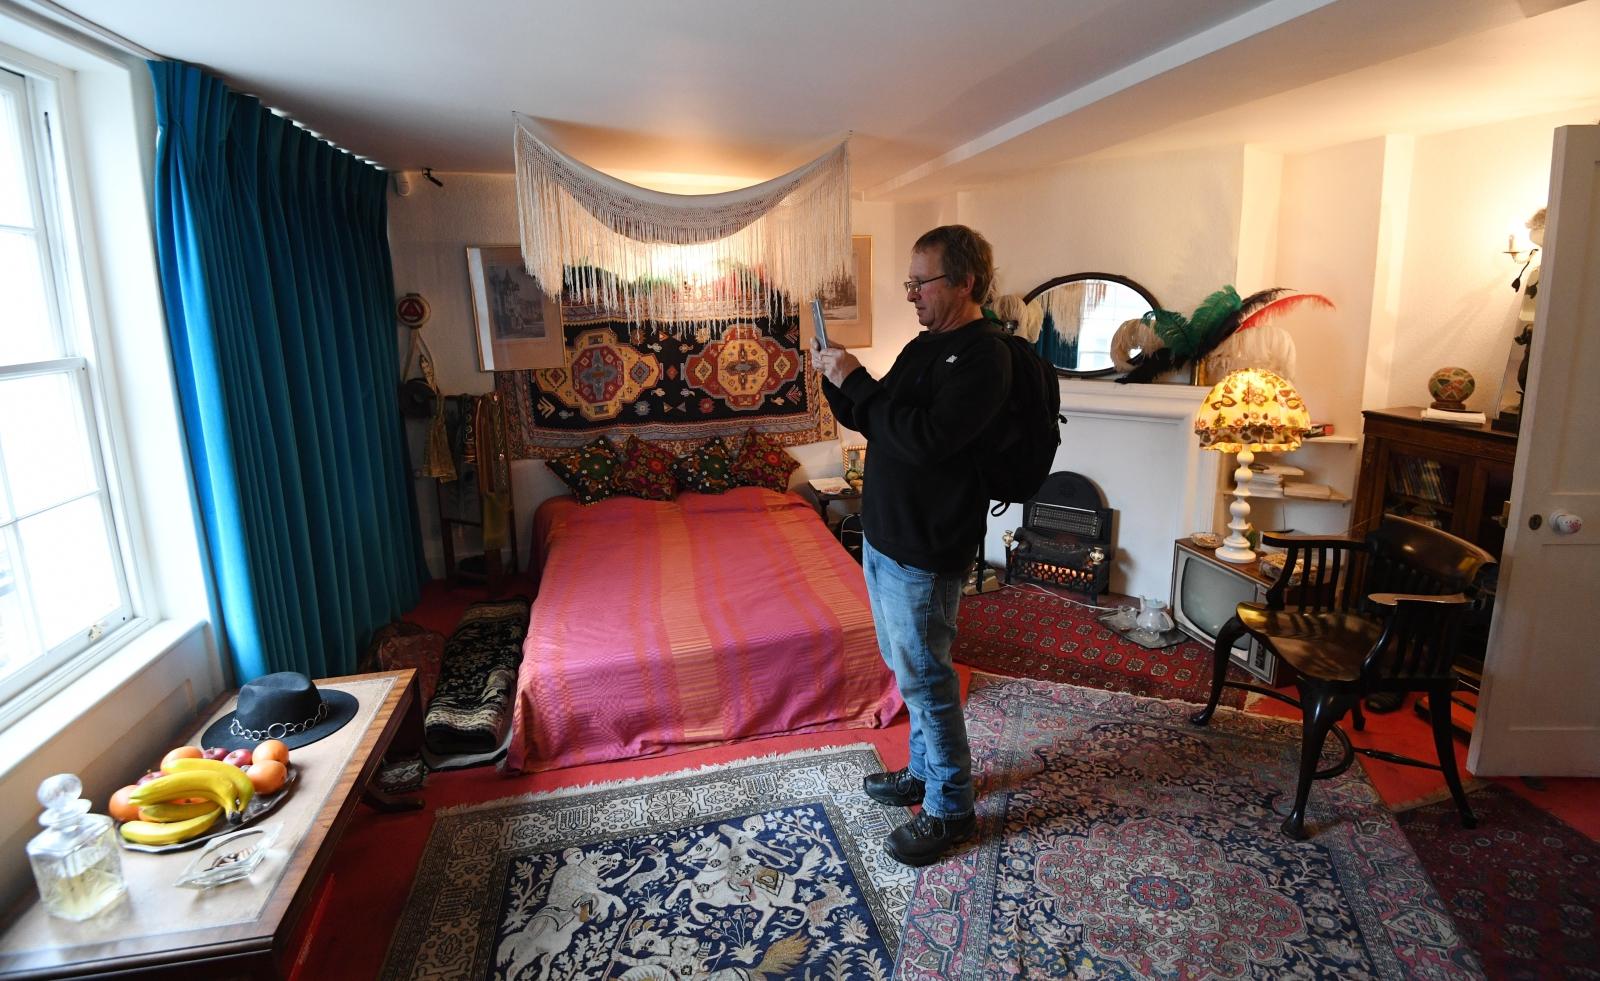 Turyści zwiedzają mieszkanie Jimiego Hendrixa, dzisiaj byłyby jego urodziny